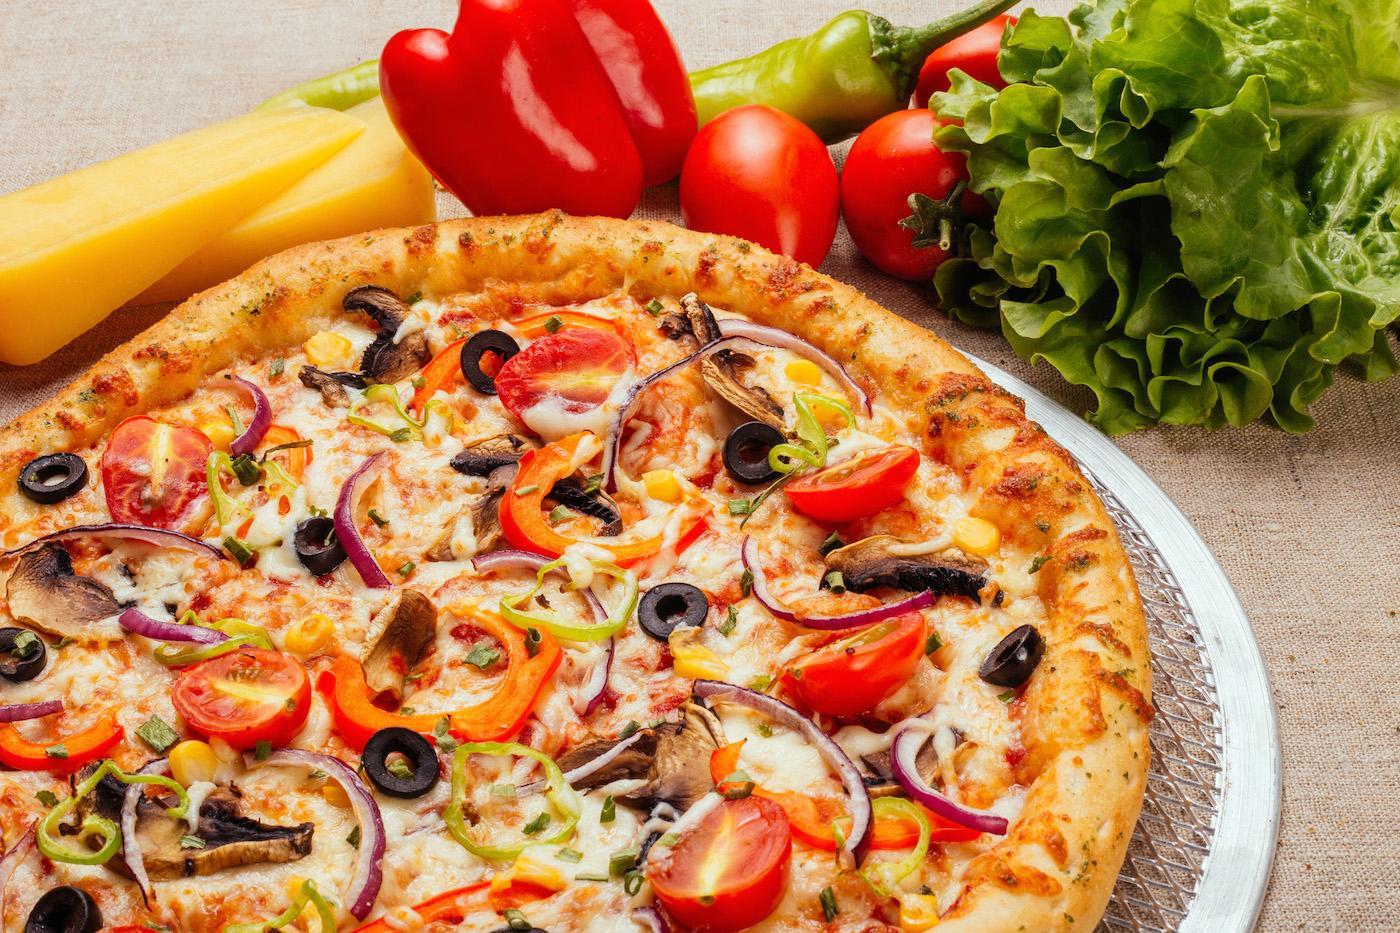 Доставка еды на дом: в чем преимущества?